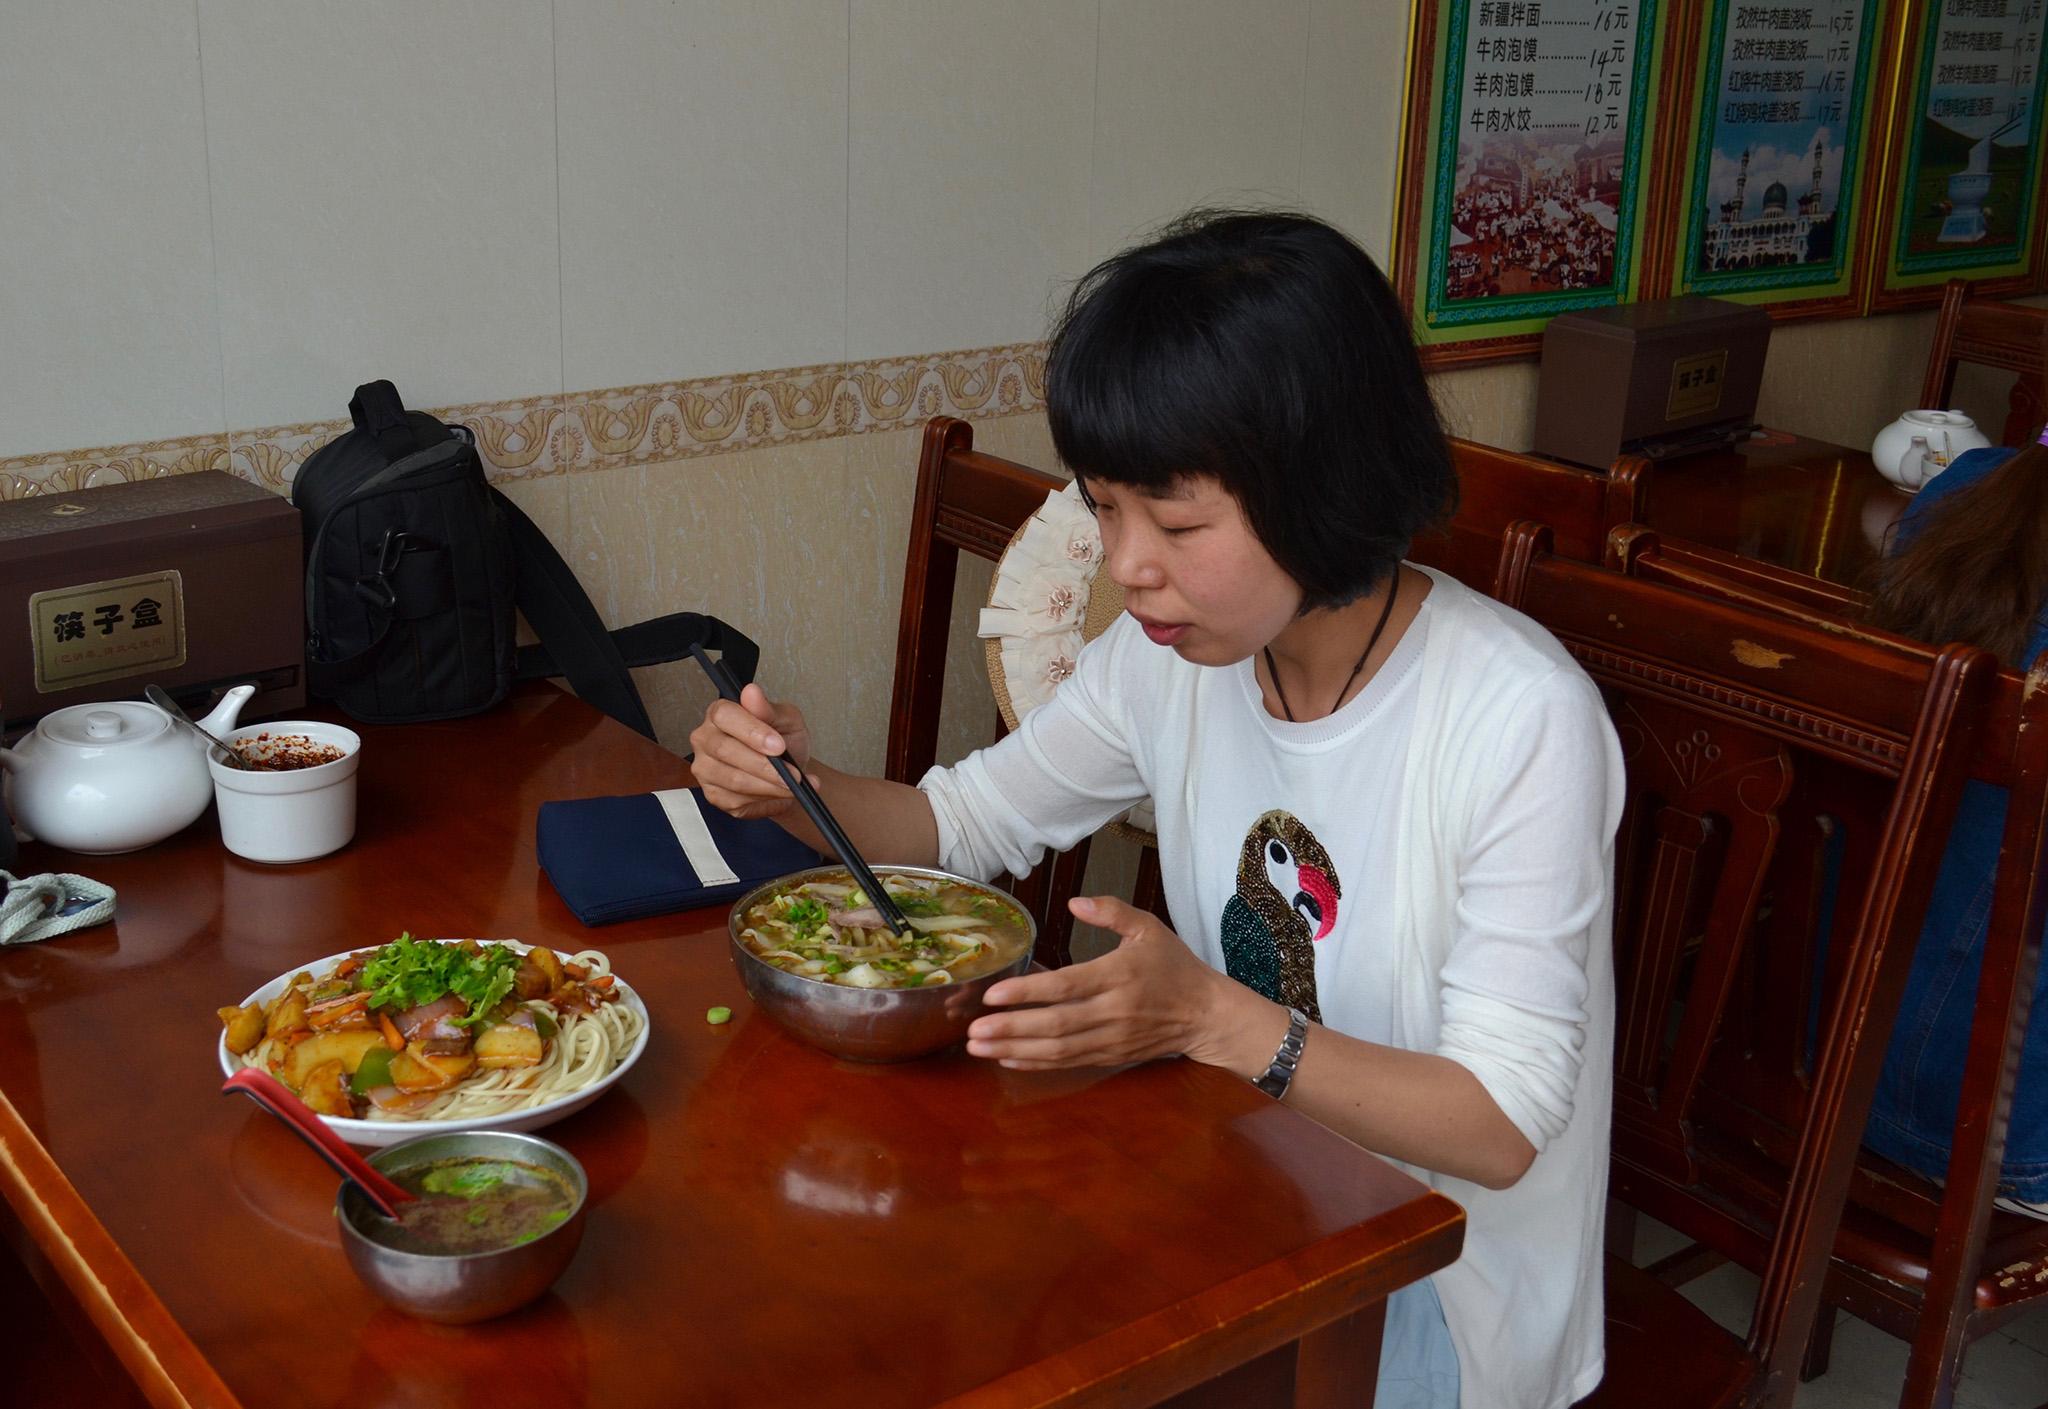 tradicionalno upoznavanje kineske kulture